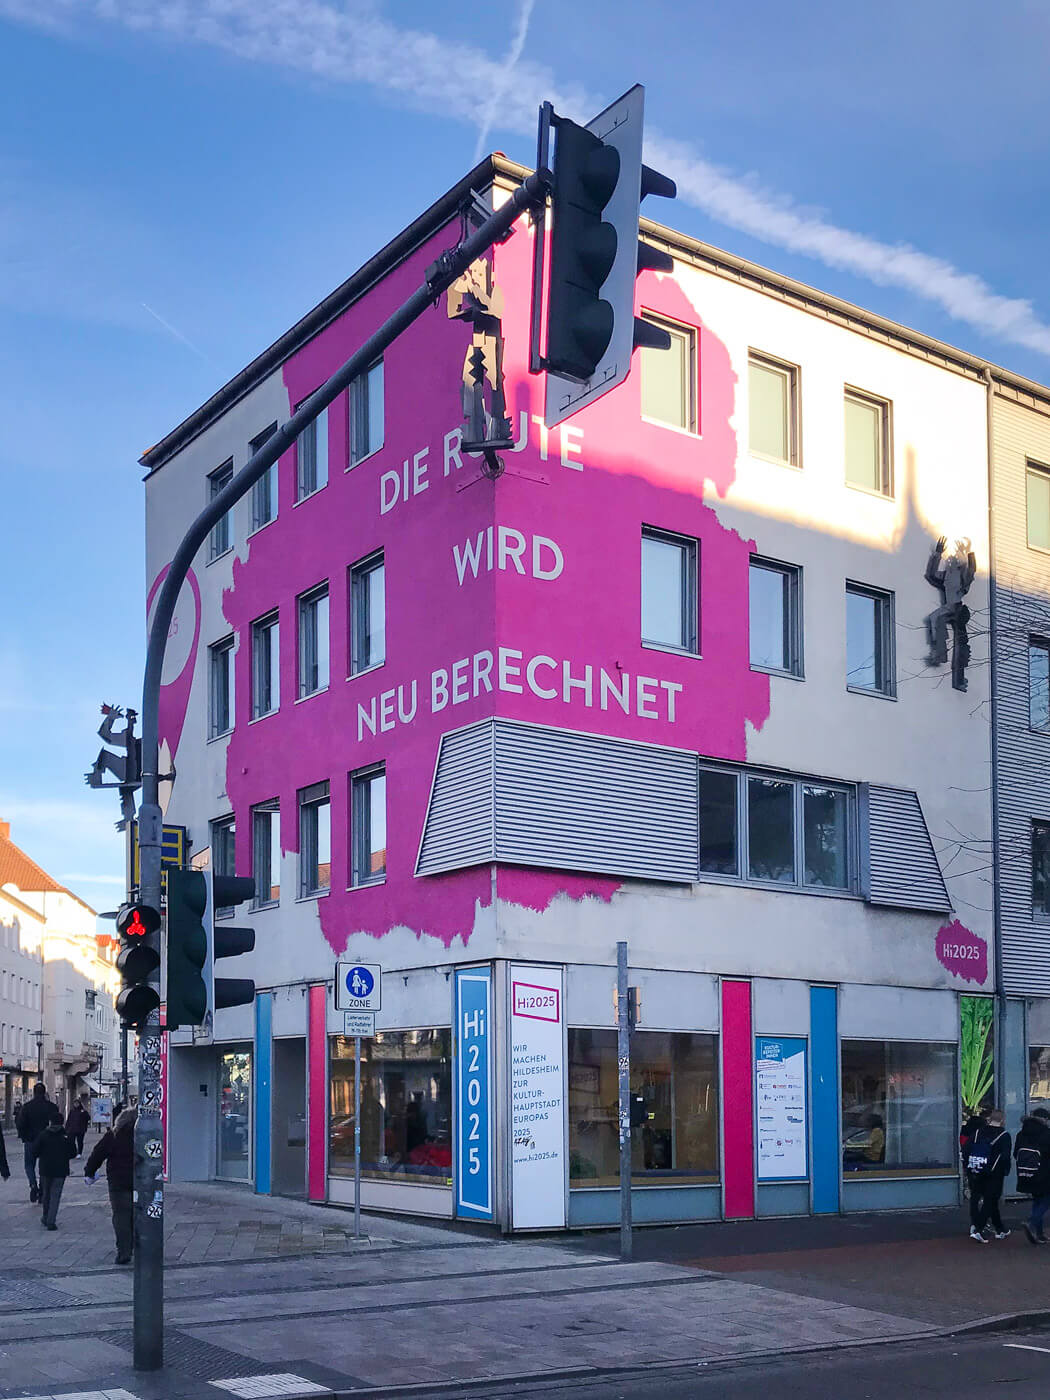 Hildesheim Kulturhauptstadt 2025